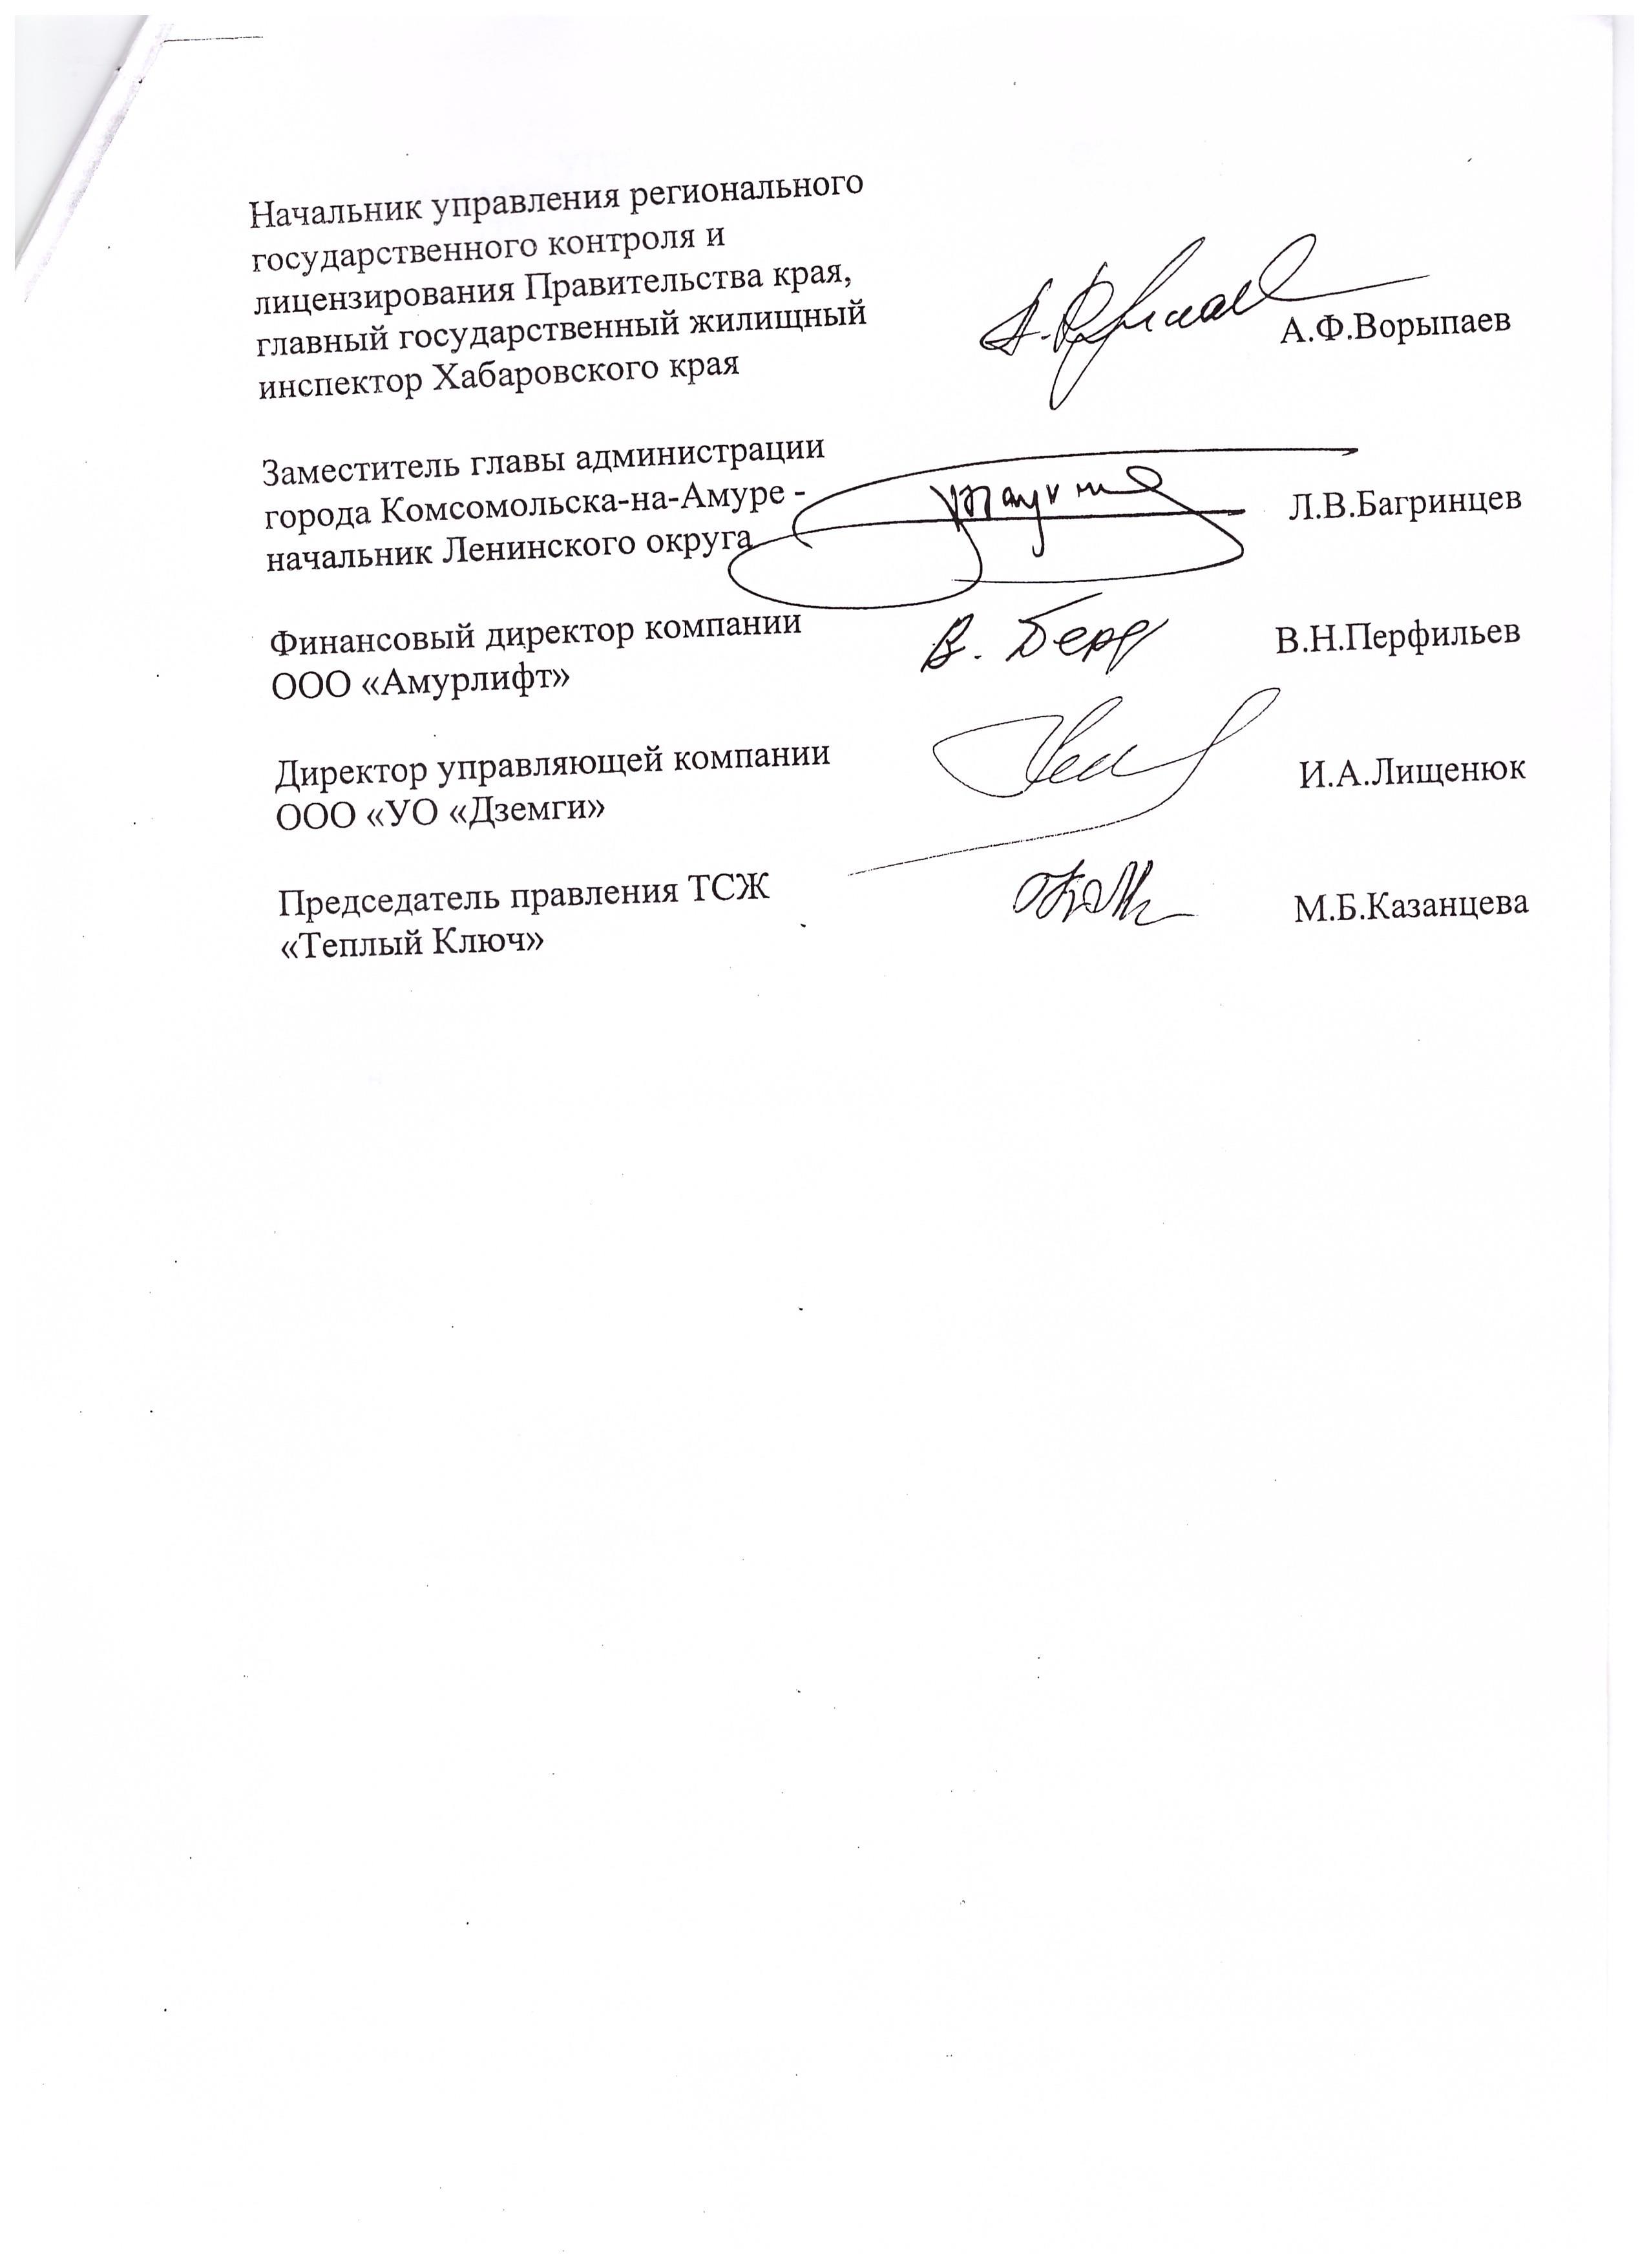 соглашение с.3 001